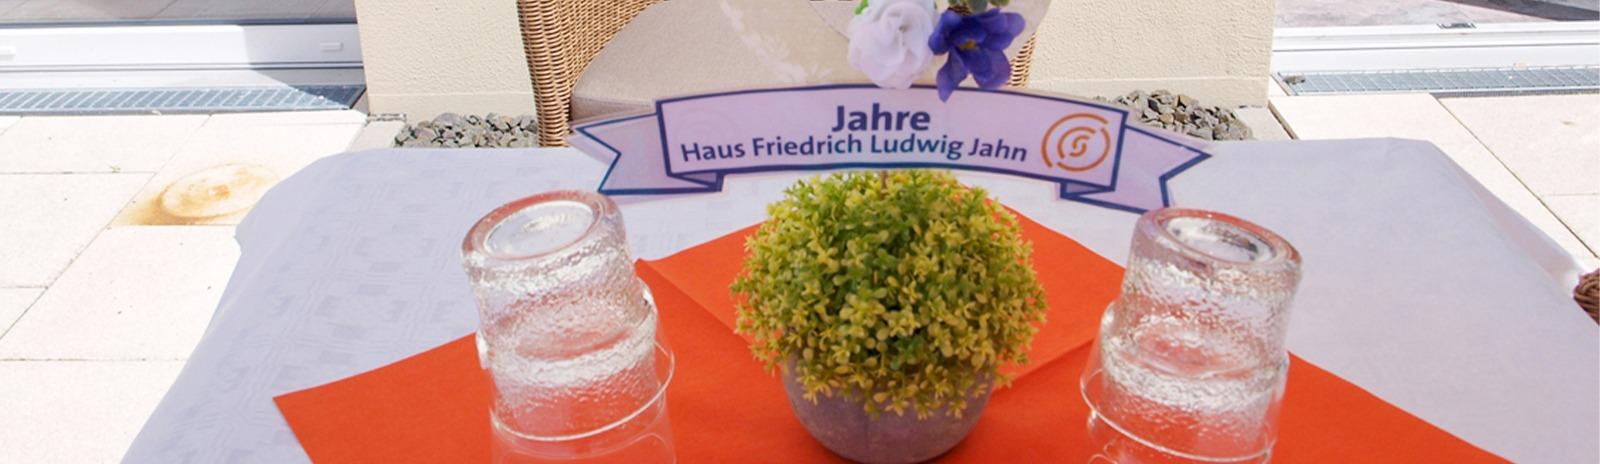 2021_07_05_Haus_Friedrich_Ludwig_Jahn_Jubiläumsfeier_slider